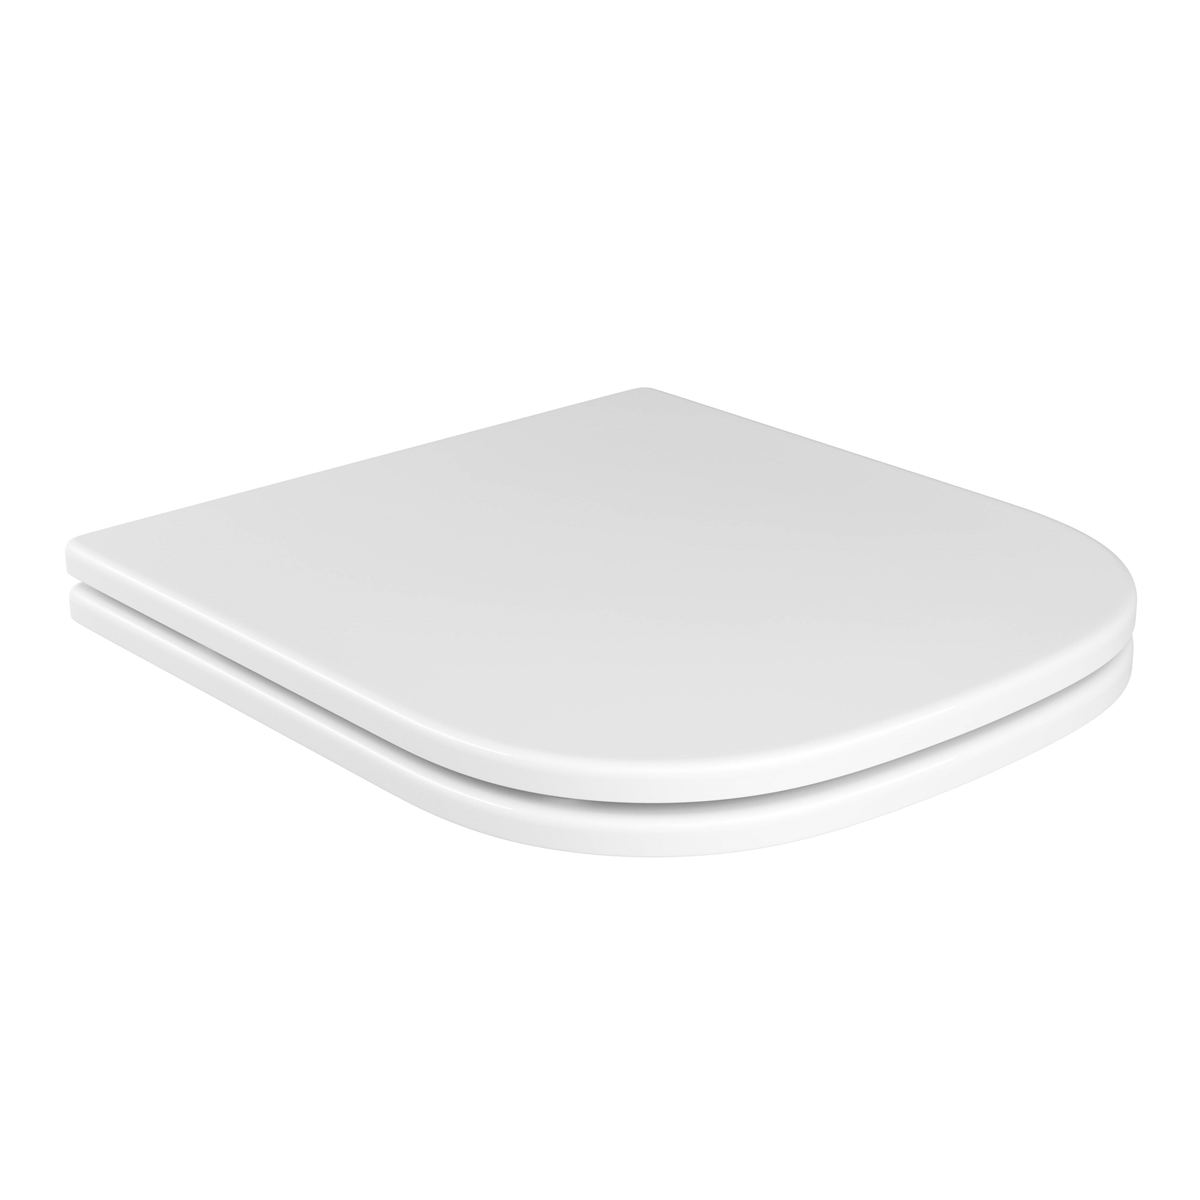 Assento BOUTIQUE Soft-Close AXIS Poliéster/Acrílico para Louça Deca